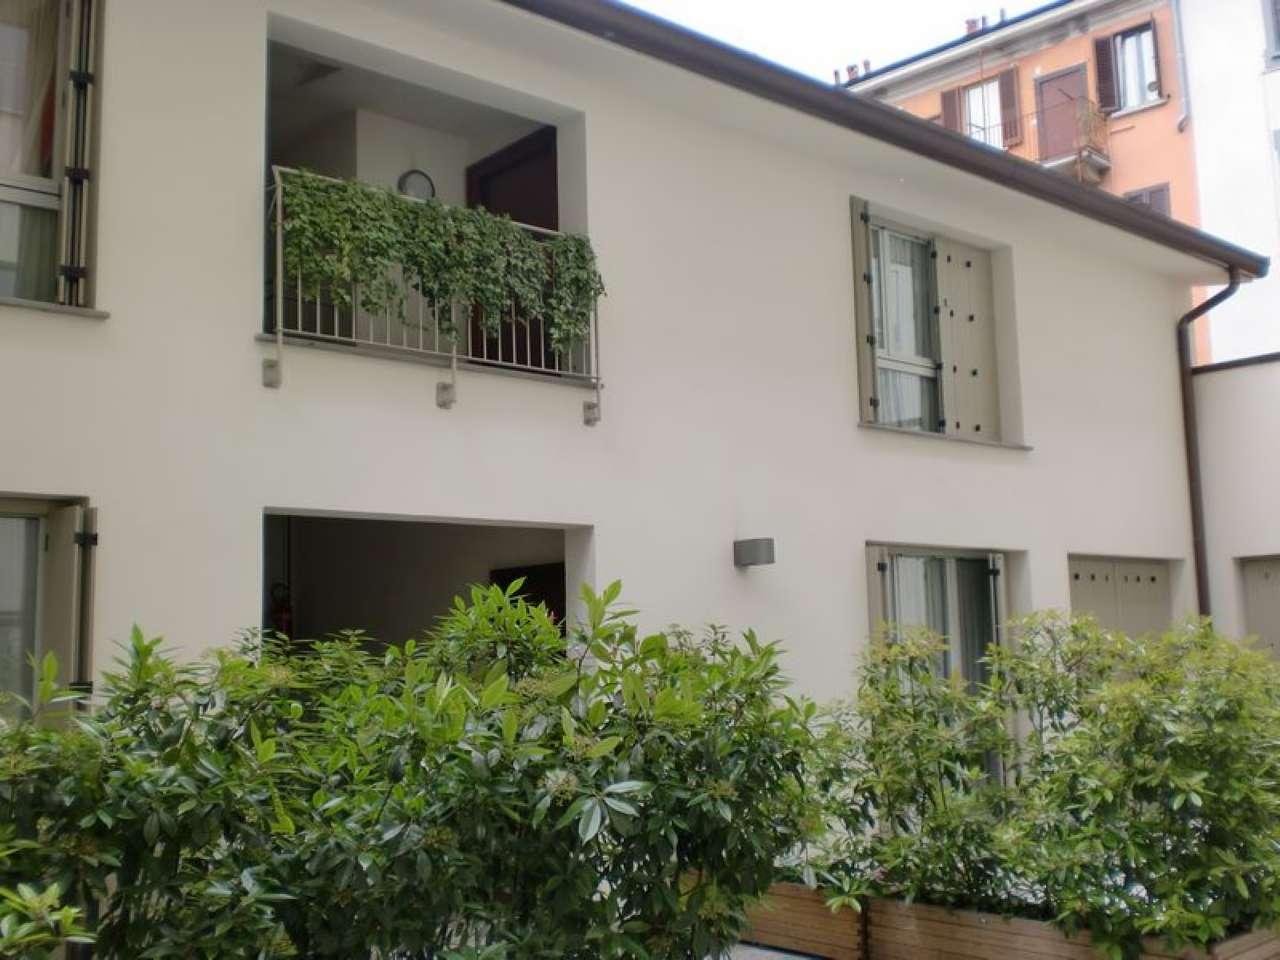 Appartamento in Affitto a Milano 30 Niguarda / Bovisasca / Testi / Bruzzano / Affori / Comasina: 3 locali, 75 mq